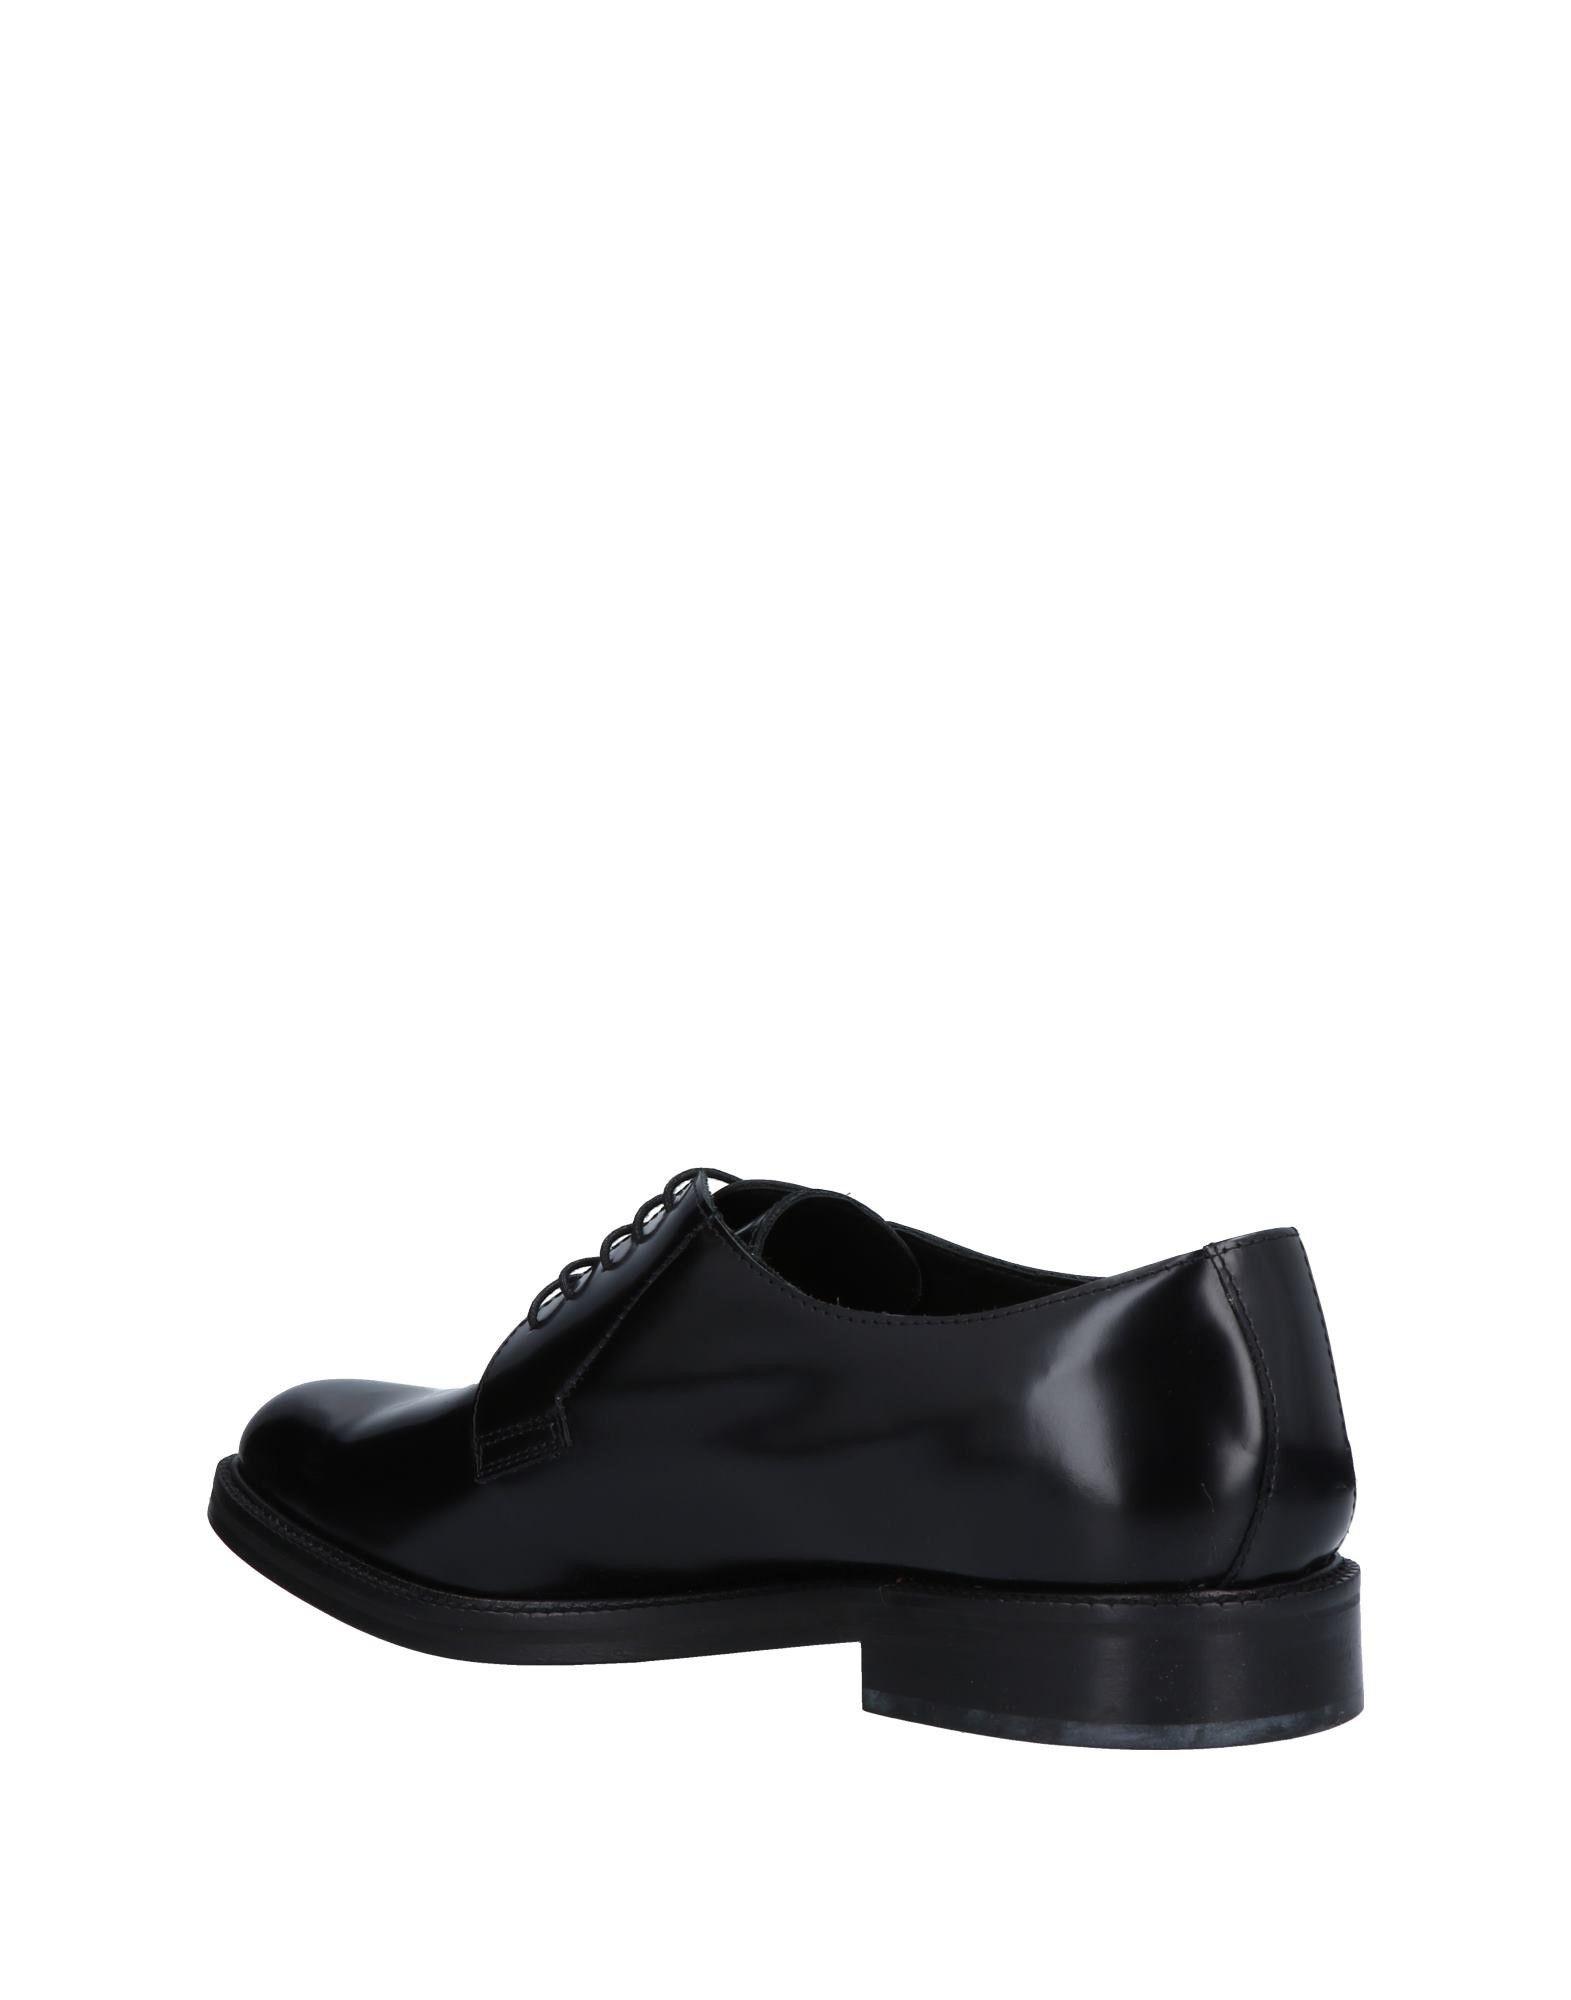 Rabatt echte Schuhe Calzoleria  Pier Gentili 1926 Schnürschuhe Herren  Calzoleria 11502125XH a5b1f0